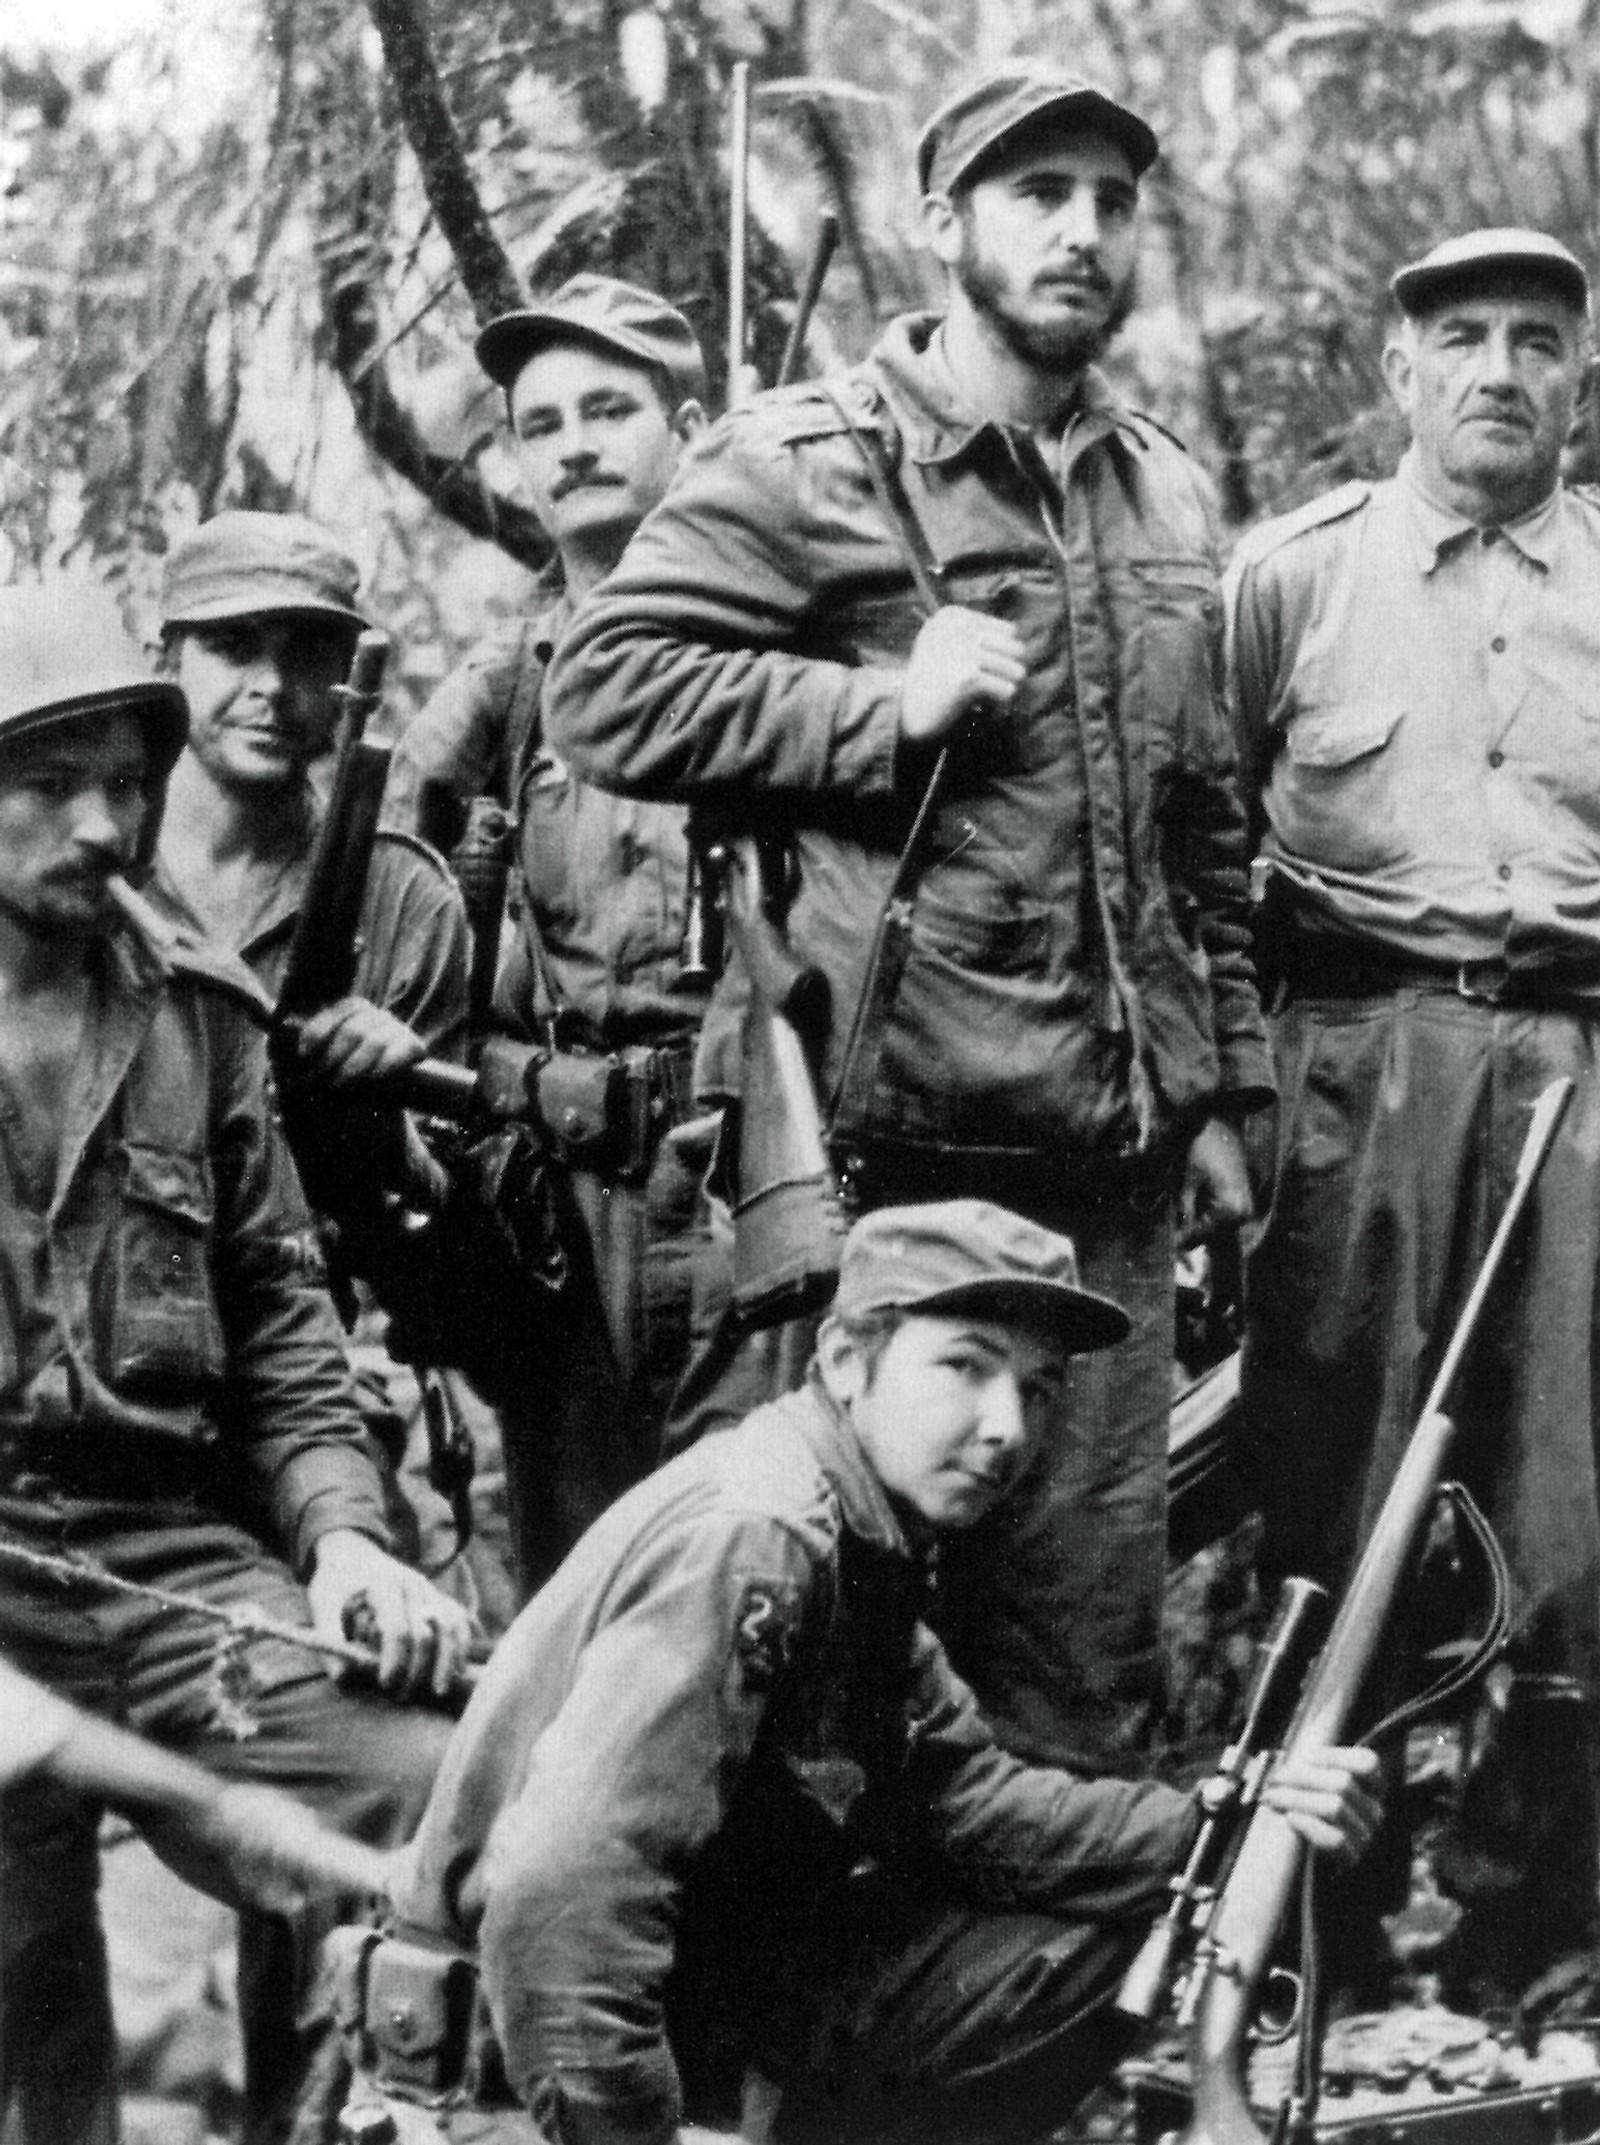 Fidel Castro startet sin revolusjonære virksomhet som ung student. Dette er ett av de første bildene som finnes av Fidel Castro sammen med kampfellen Ernesto Che Guevara (nr. to øverst fra venstre) og broren Raul Castro (nederst). Bildet er tatt 1. juni 1957.